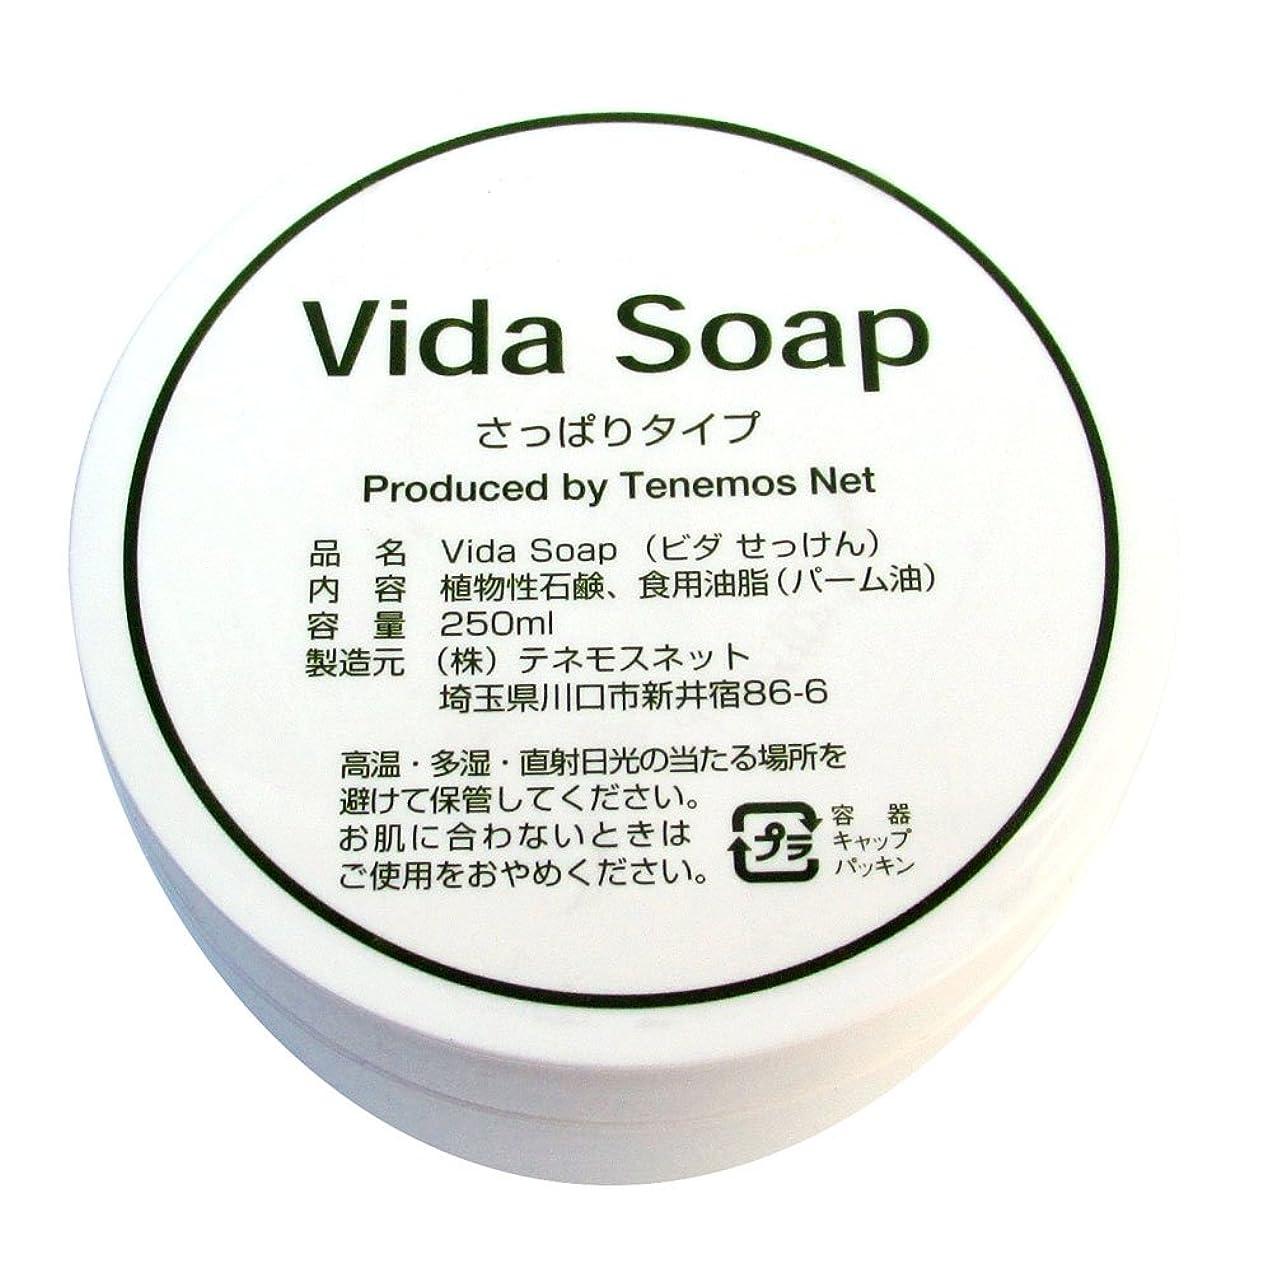 キルト期間学生テネモス ビダせっけん Vida Soap さっぱりノーマル 植物性 250ml